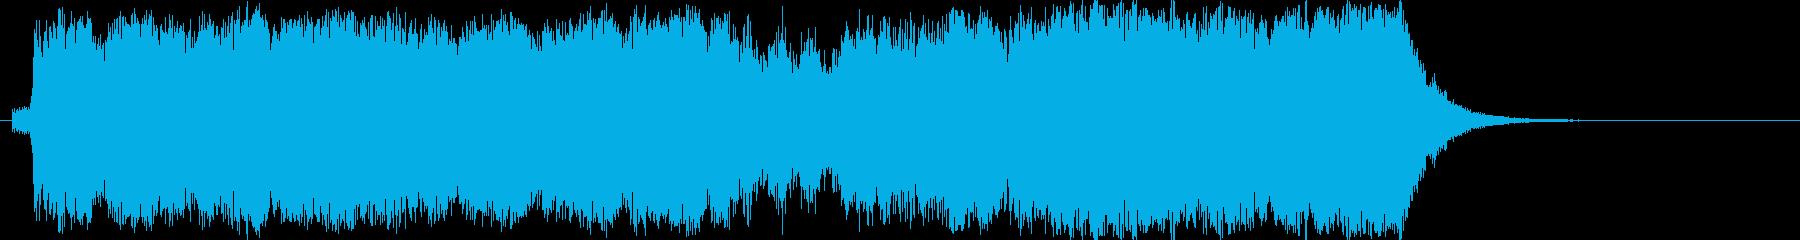 華やかなファンファーレ、吹奏楽で20秒!の再生済みの波形